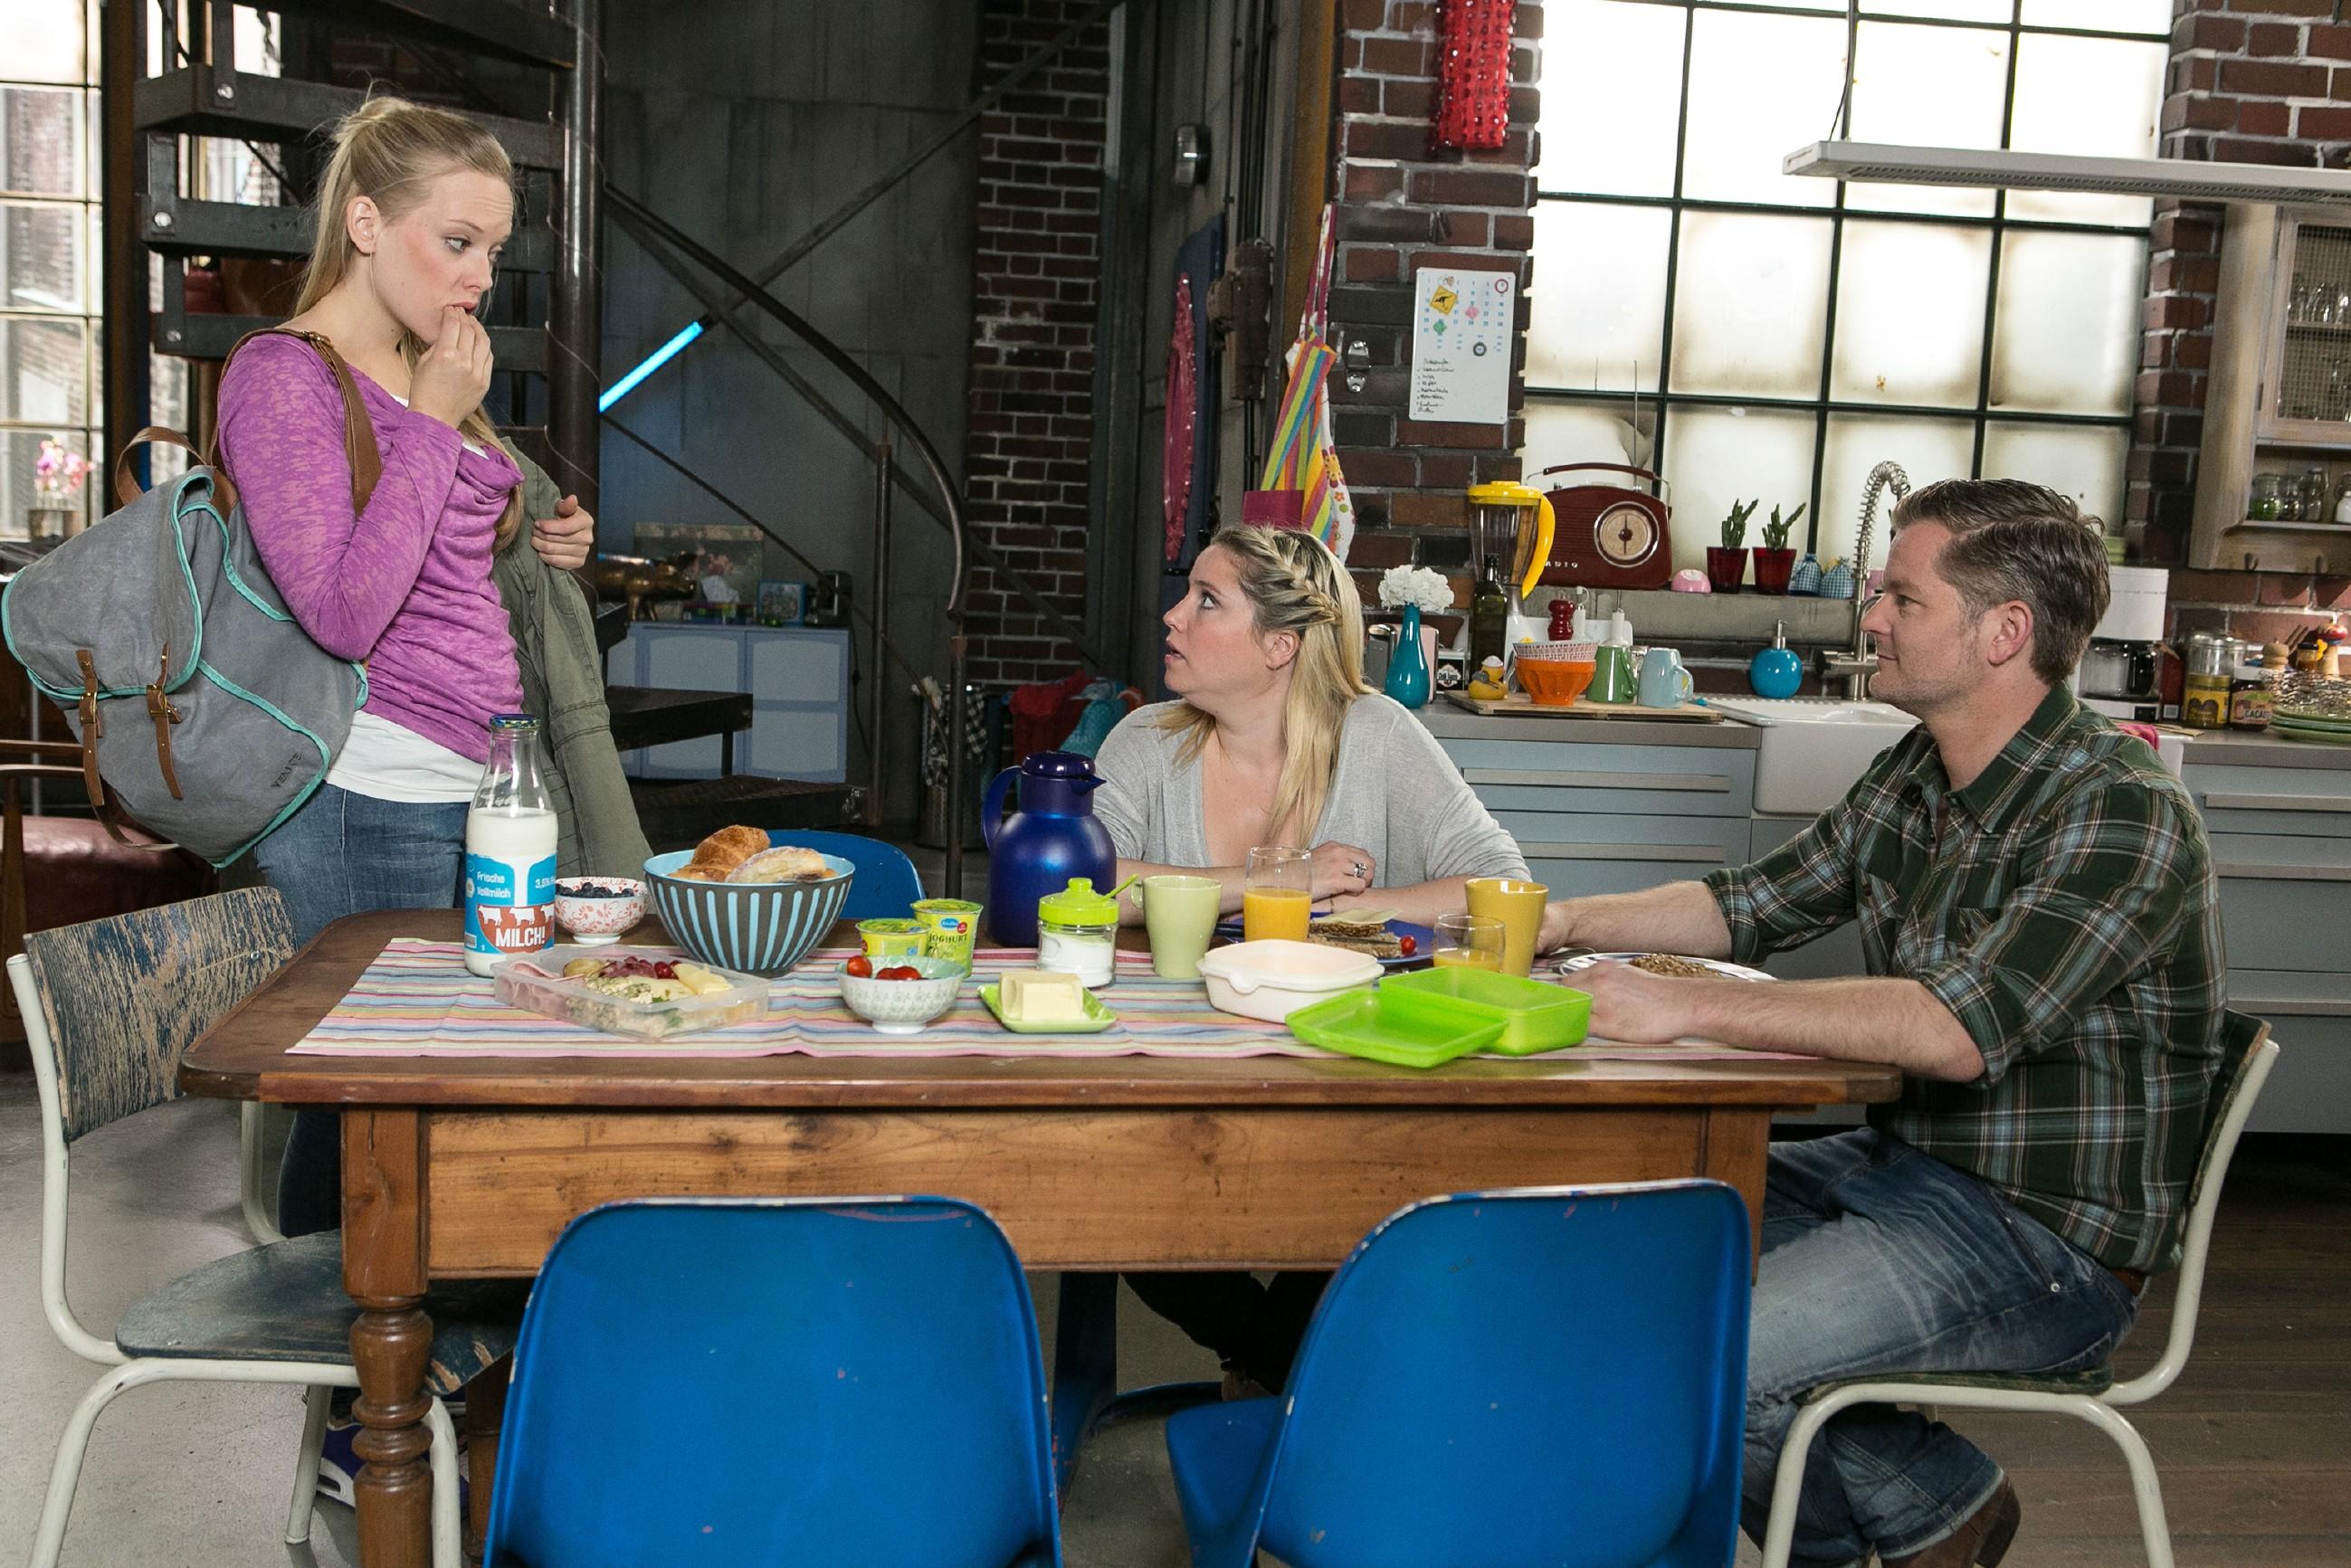 Marie (Judith Neumann, l.) berichtet Bea (Caroline Maria Frier) und Ingo (André Dietz), dass die Steinkamps sich beraten und dann eine Entscheidung treffen, ob sie die OP Kosten übernehmen. (Quelle: RTL / Kai Schulz)